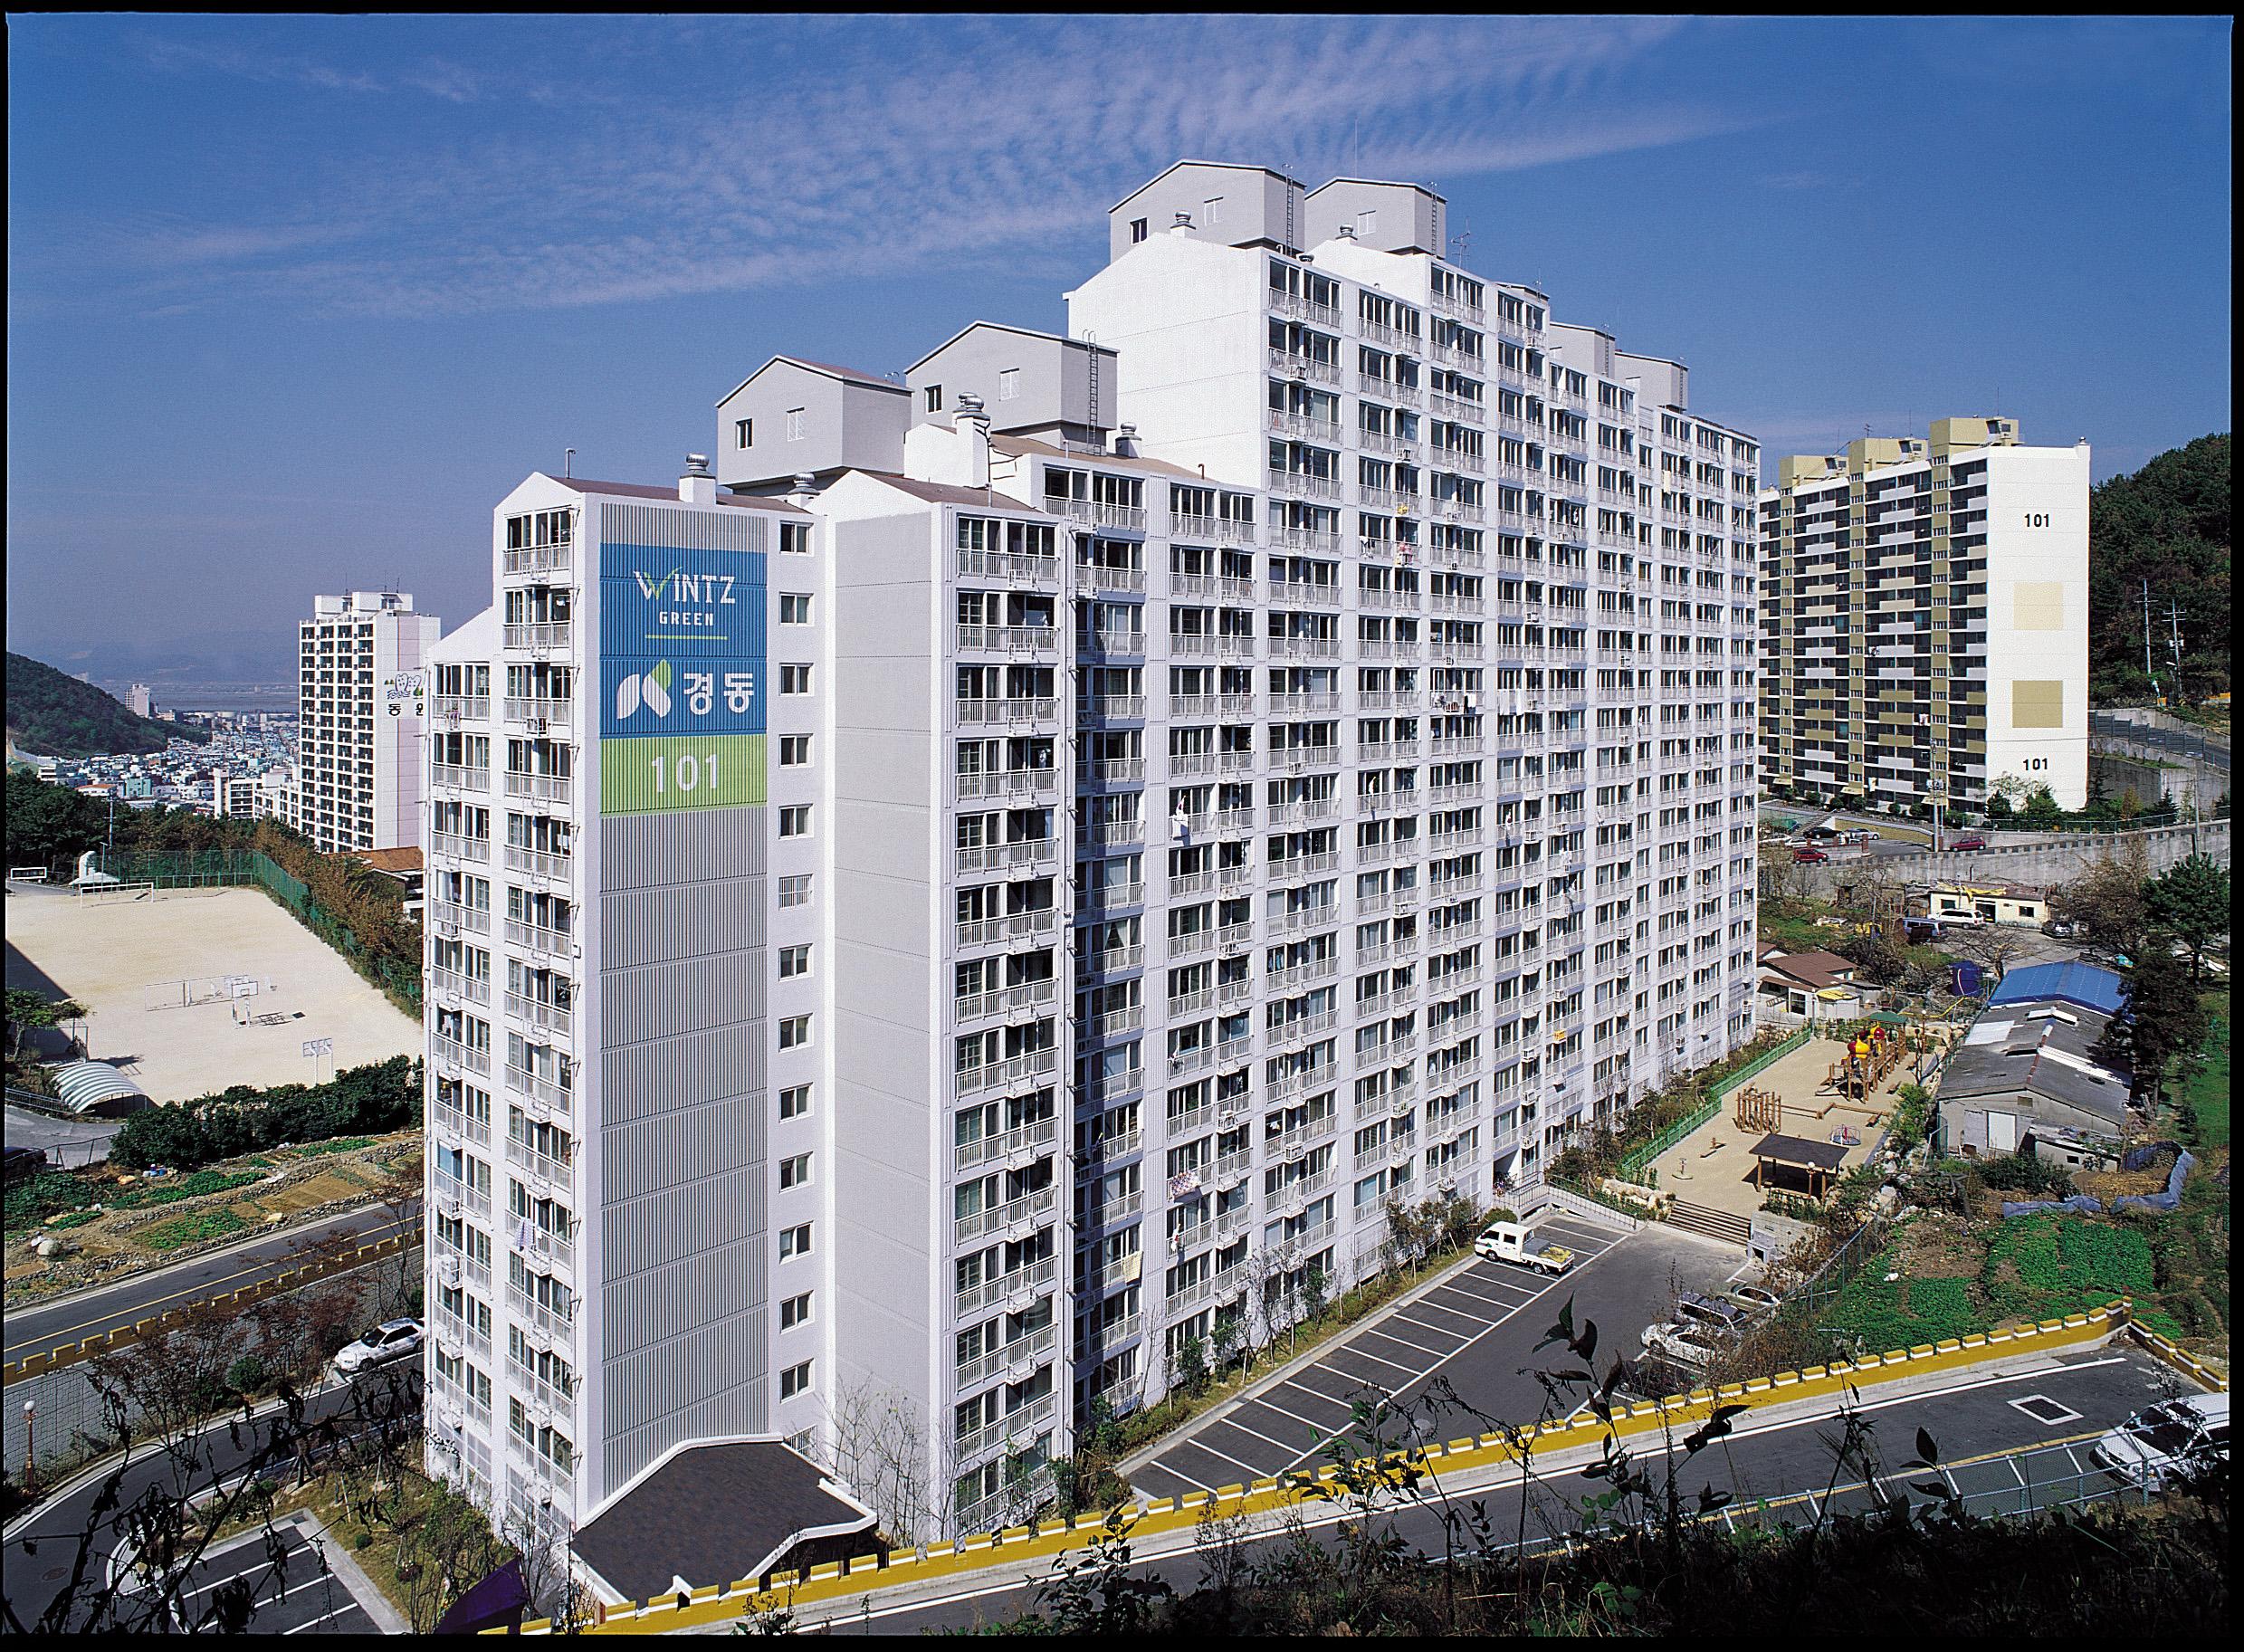 장림 윈츠그린 아파트 (2002.11)